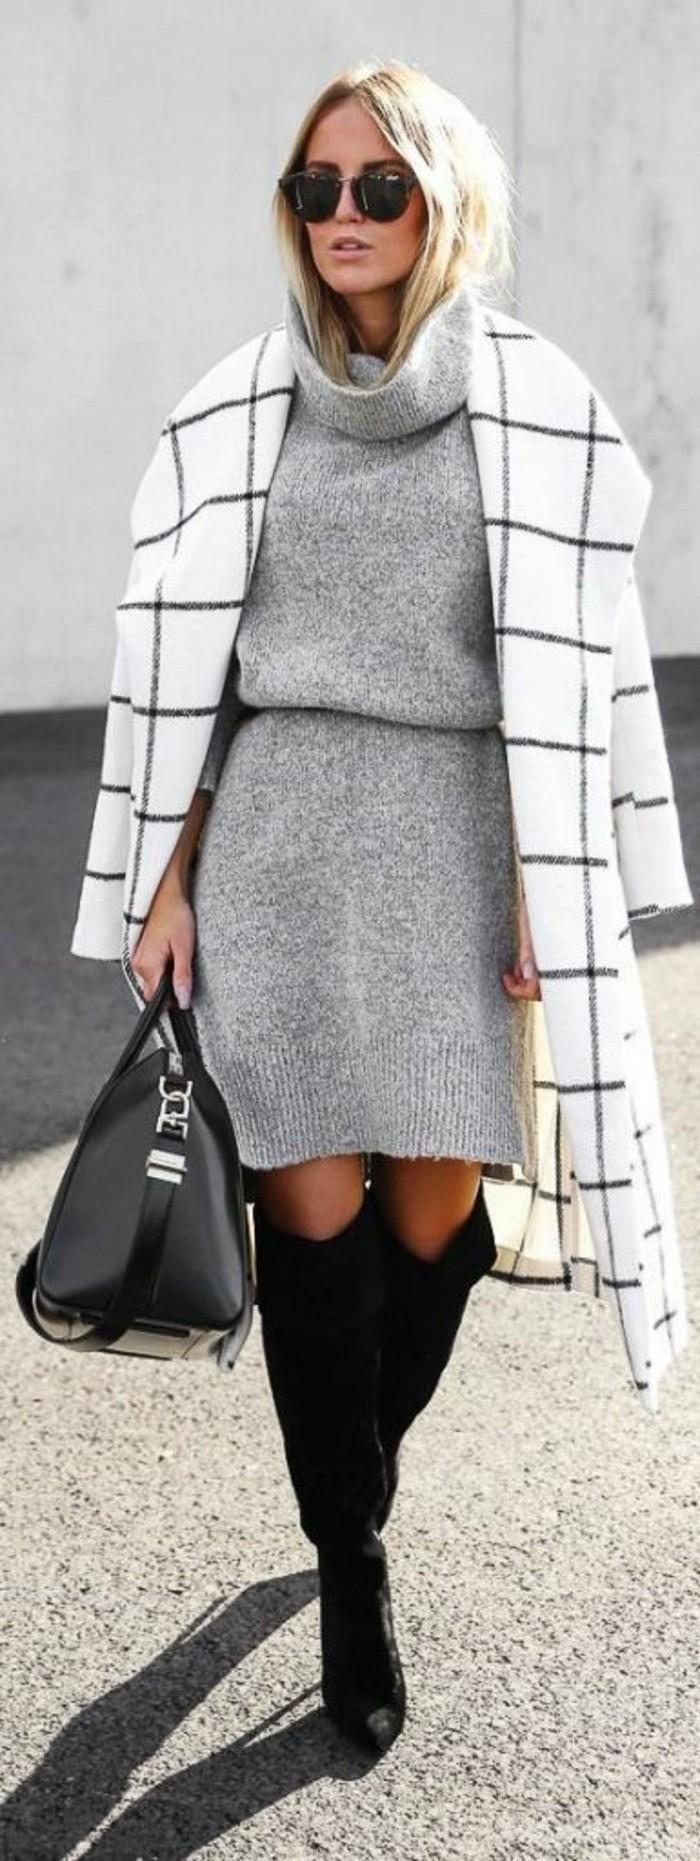 joli-manteau-bottes-cavalieres-robe-pull-col-roule-couleur-grise